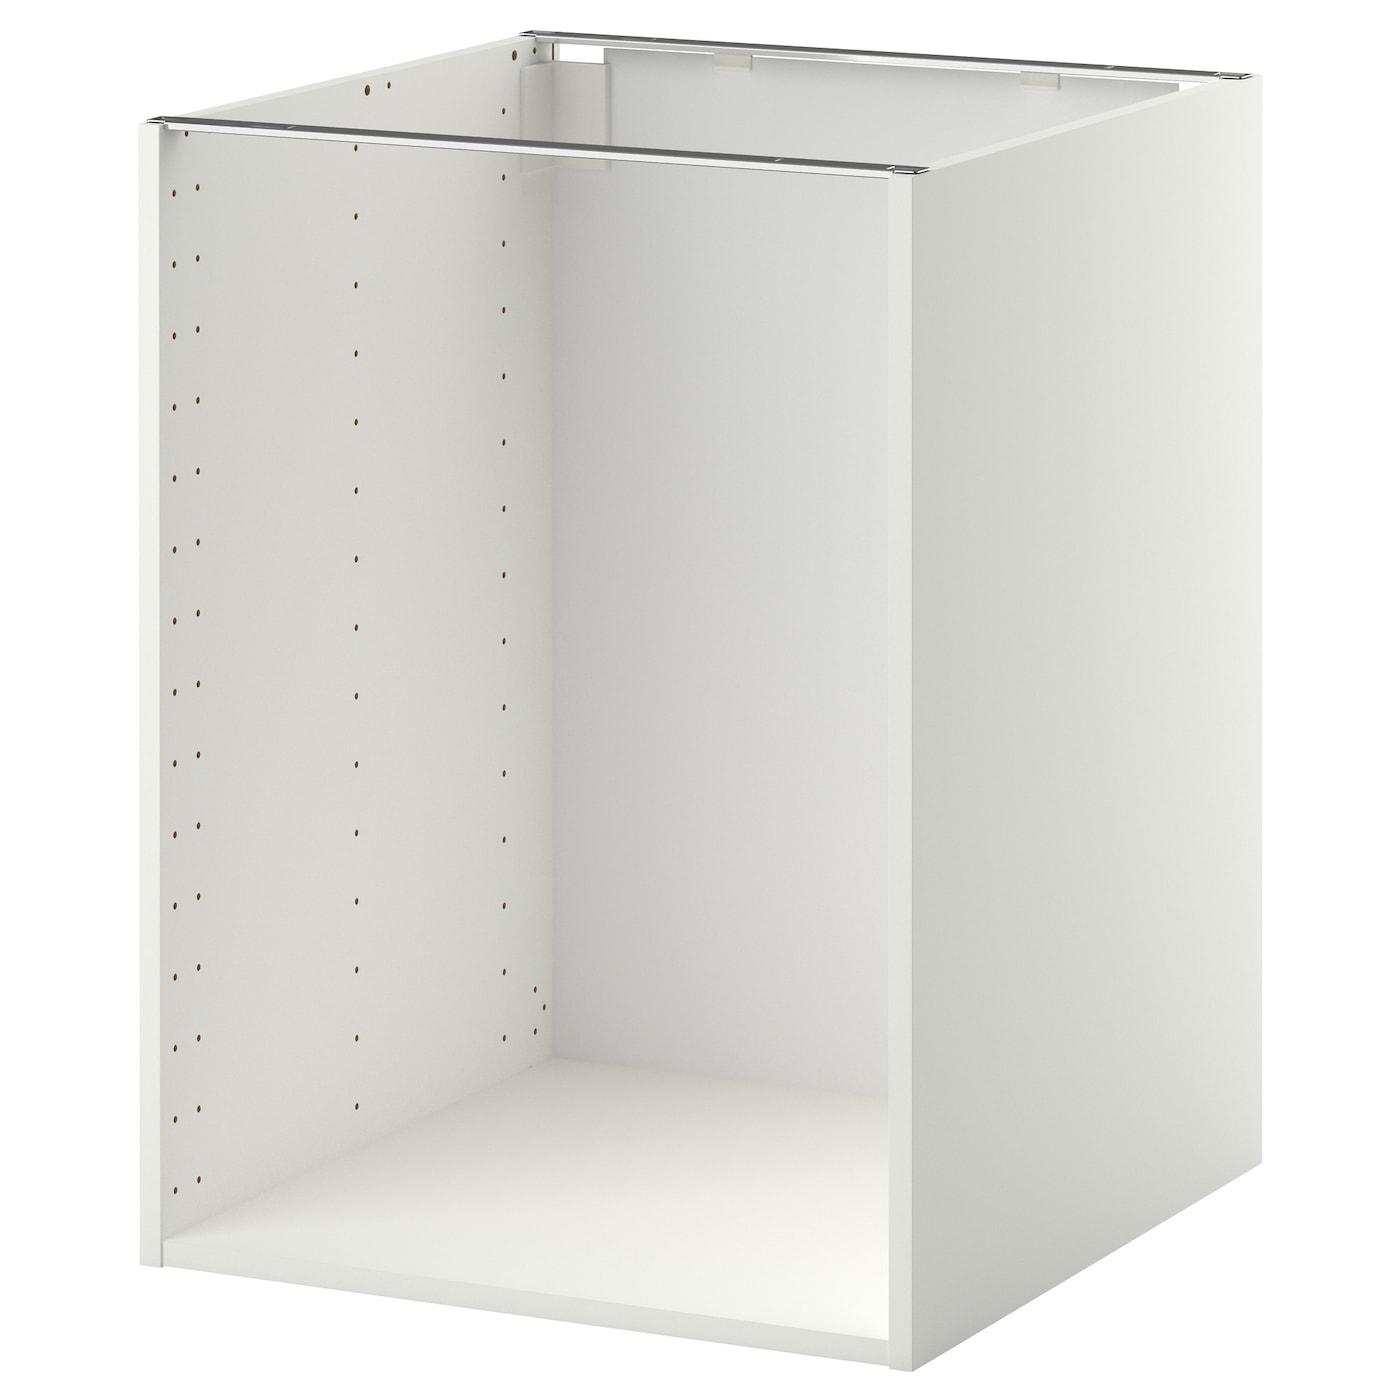 METOD | Bad > Badmöbel > Unterschränke fürs Bad | Weiß | IKEA